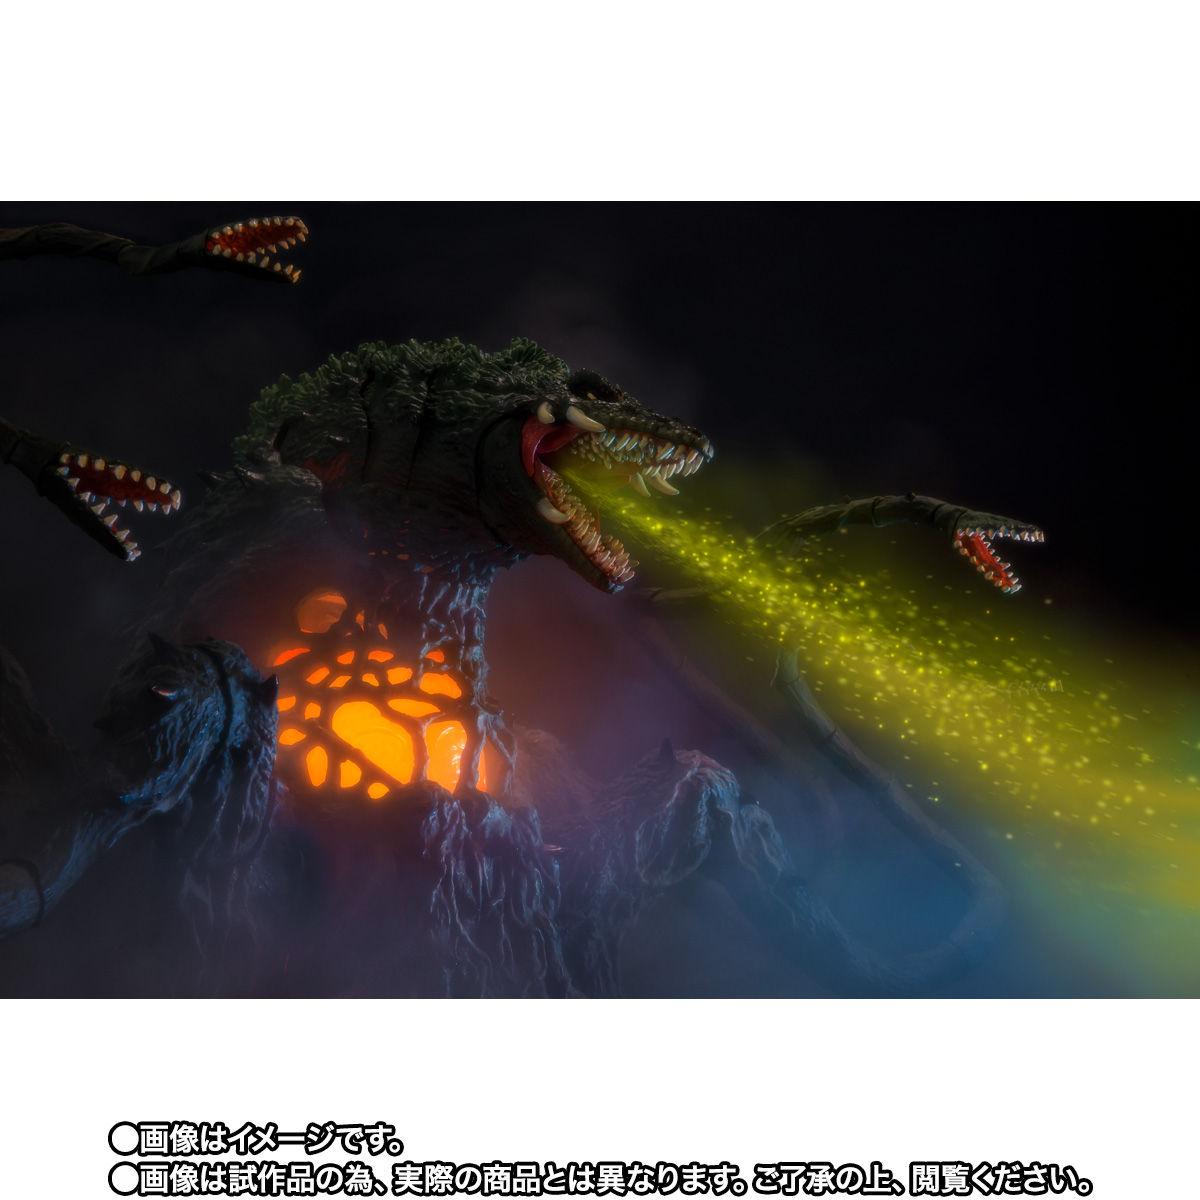 【限定販売】S.H.MonsterArts『ビオランテ Special Color Ver.』ゴジラvsビオランテ 可動フィギュア-010